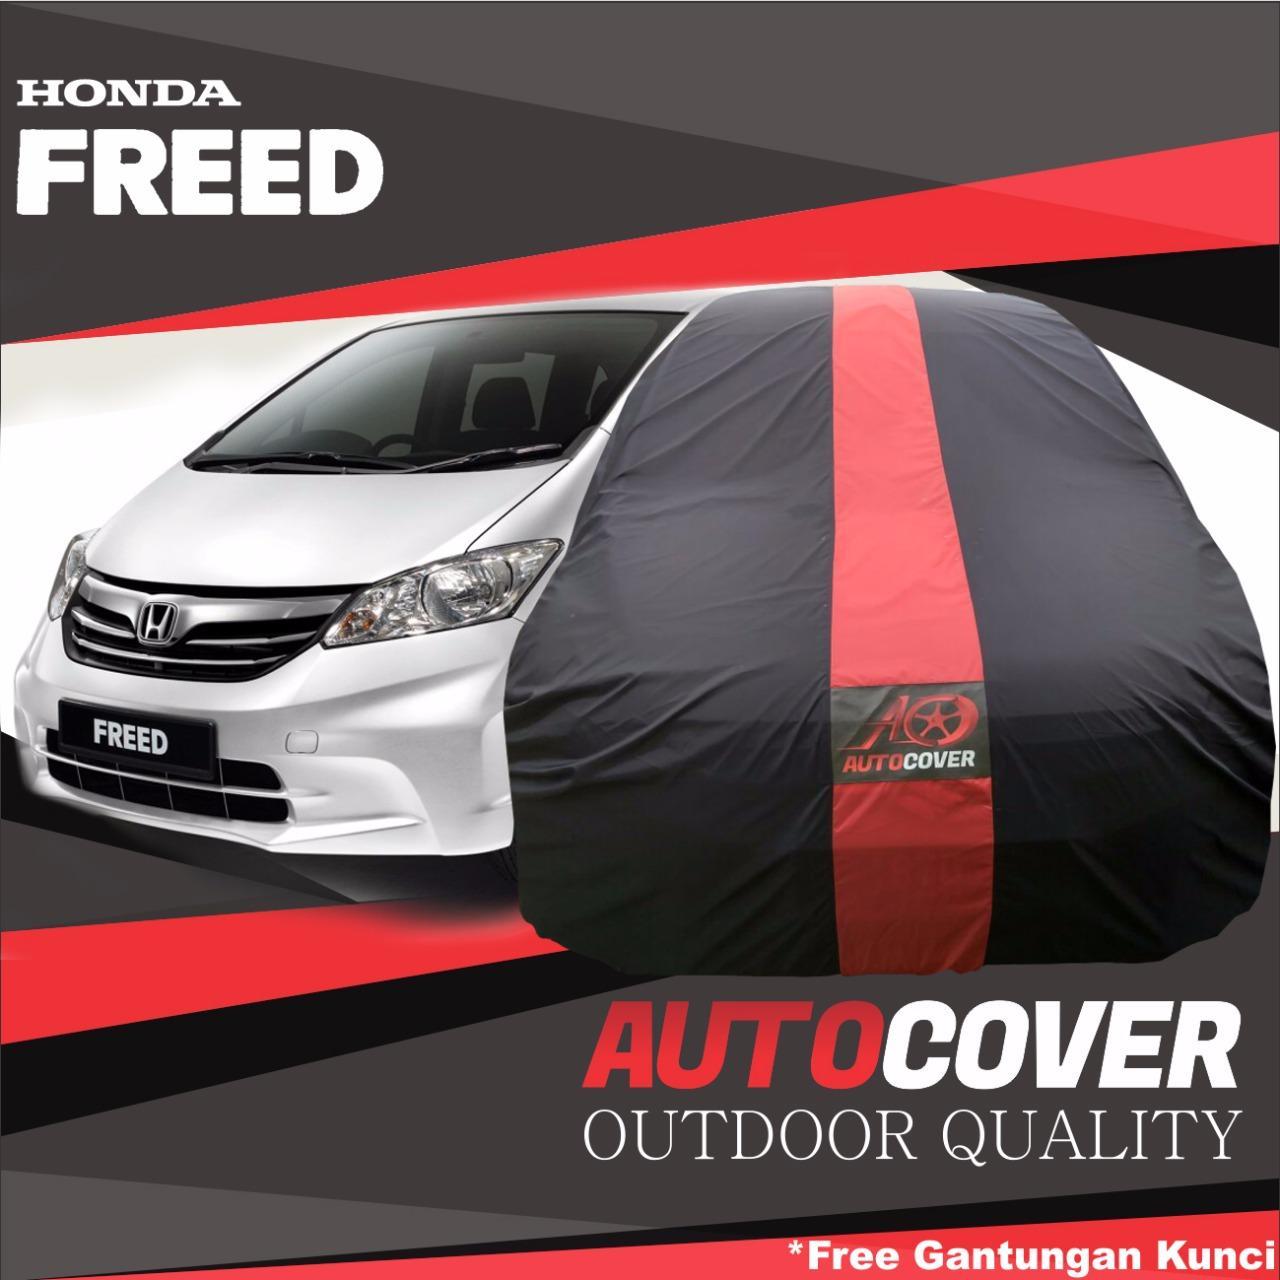 COD - Sarung Bodi Mobil Anti Air Honda Freed Cover Body Waterproof OUTDOOR Selimut Penutup Pelindung Penjaga Panas dan Hujan